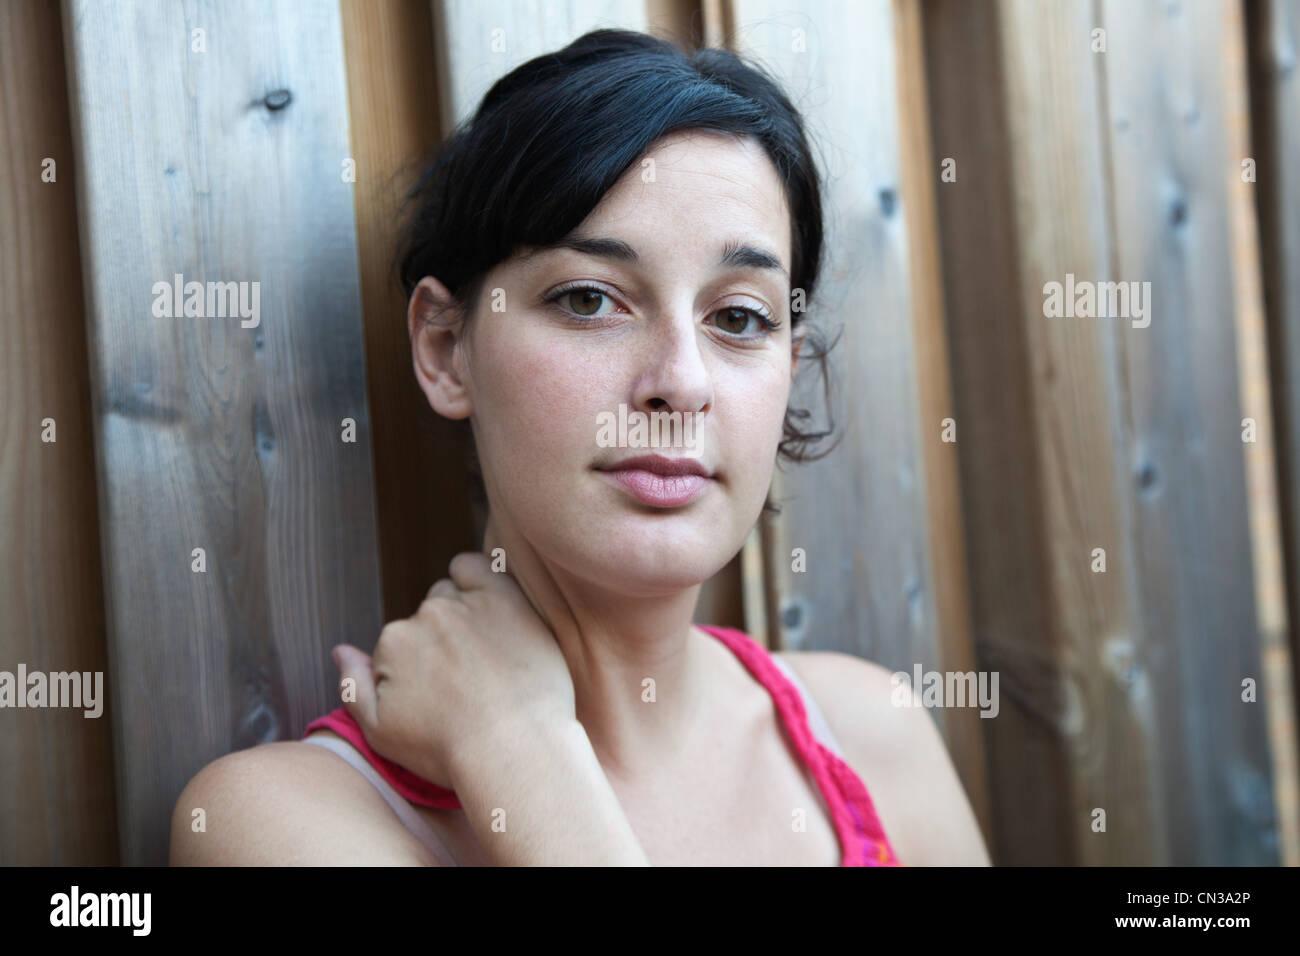 Retrato de una mujer joven Imagen De Stock